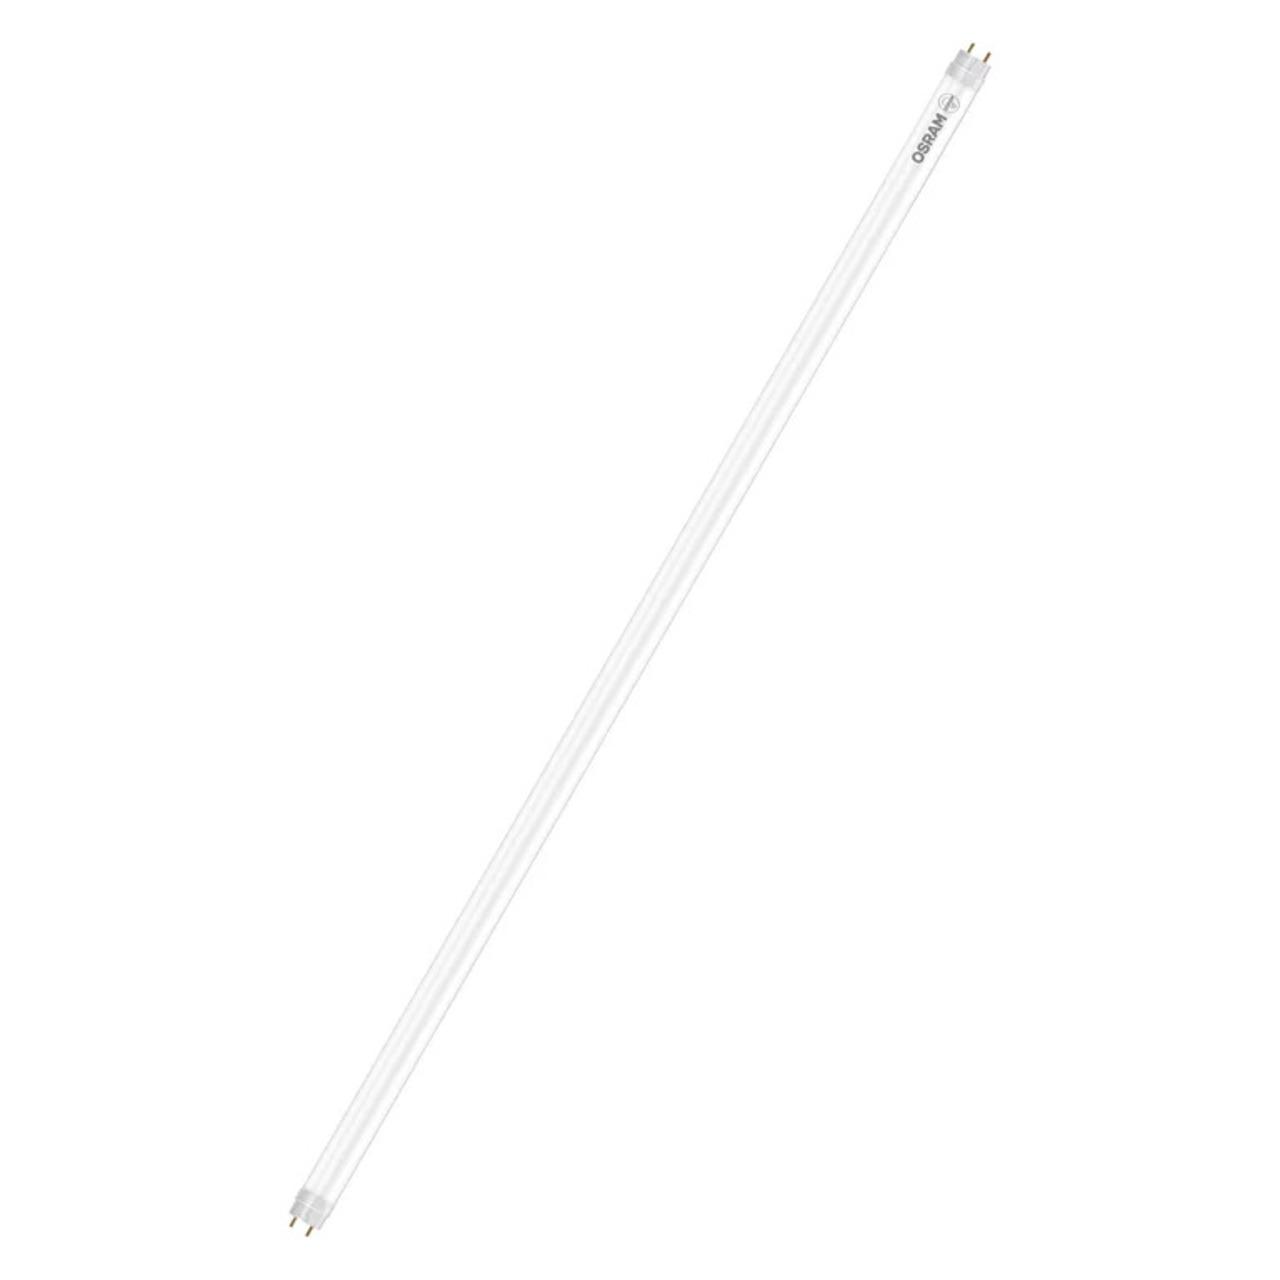 OSRAM SubstiTUBE Star 20-W-T8-LED-Röhrenlampe 150 cm- warmweiss